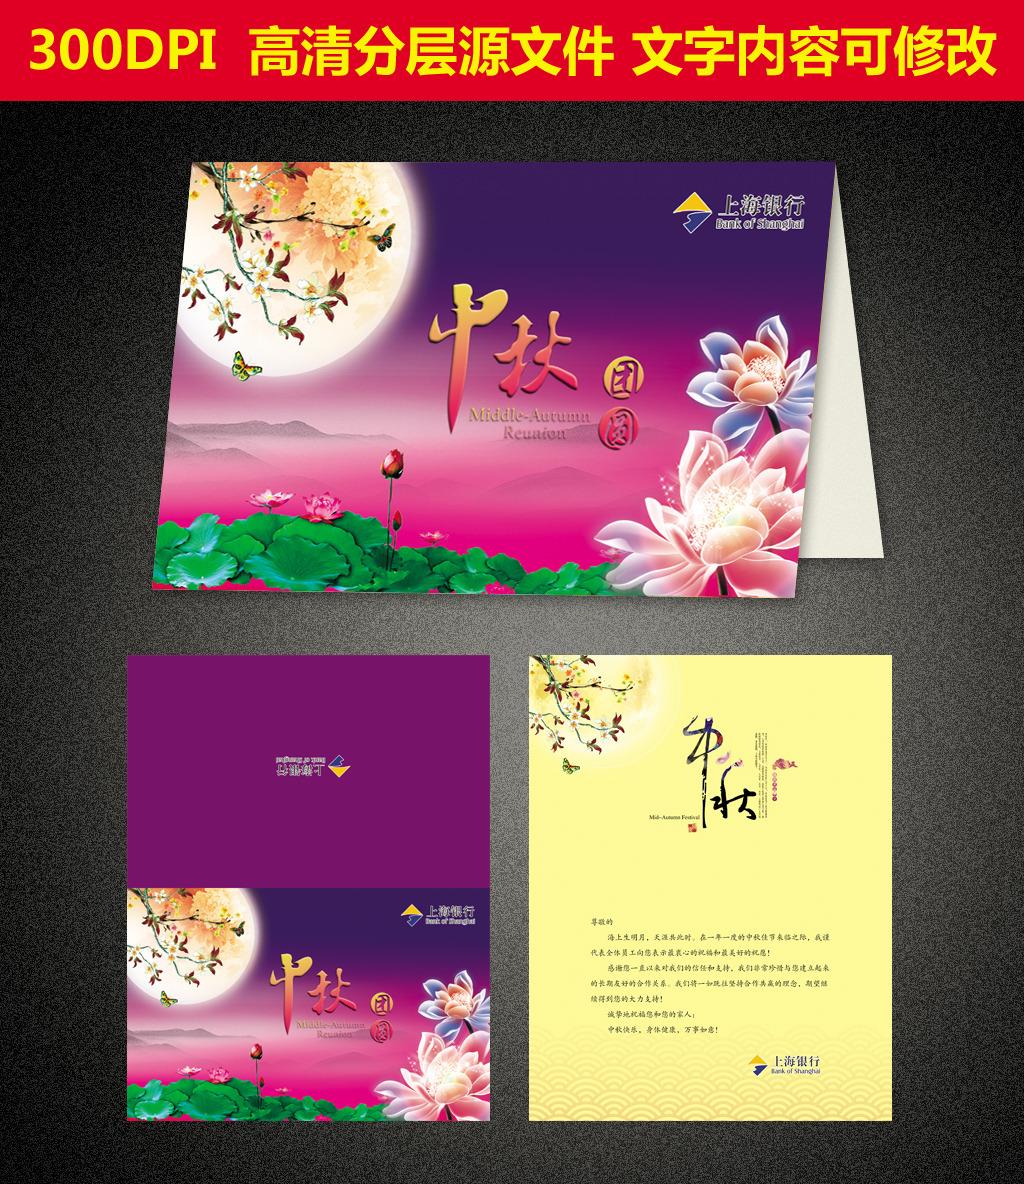 中秋节贺卡邀请卡模板psd2014